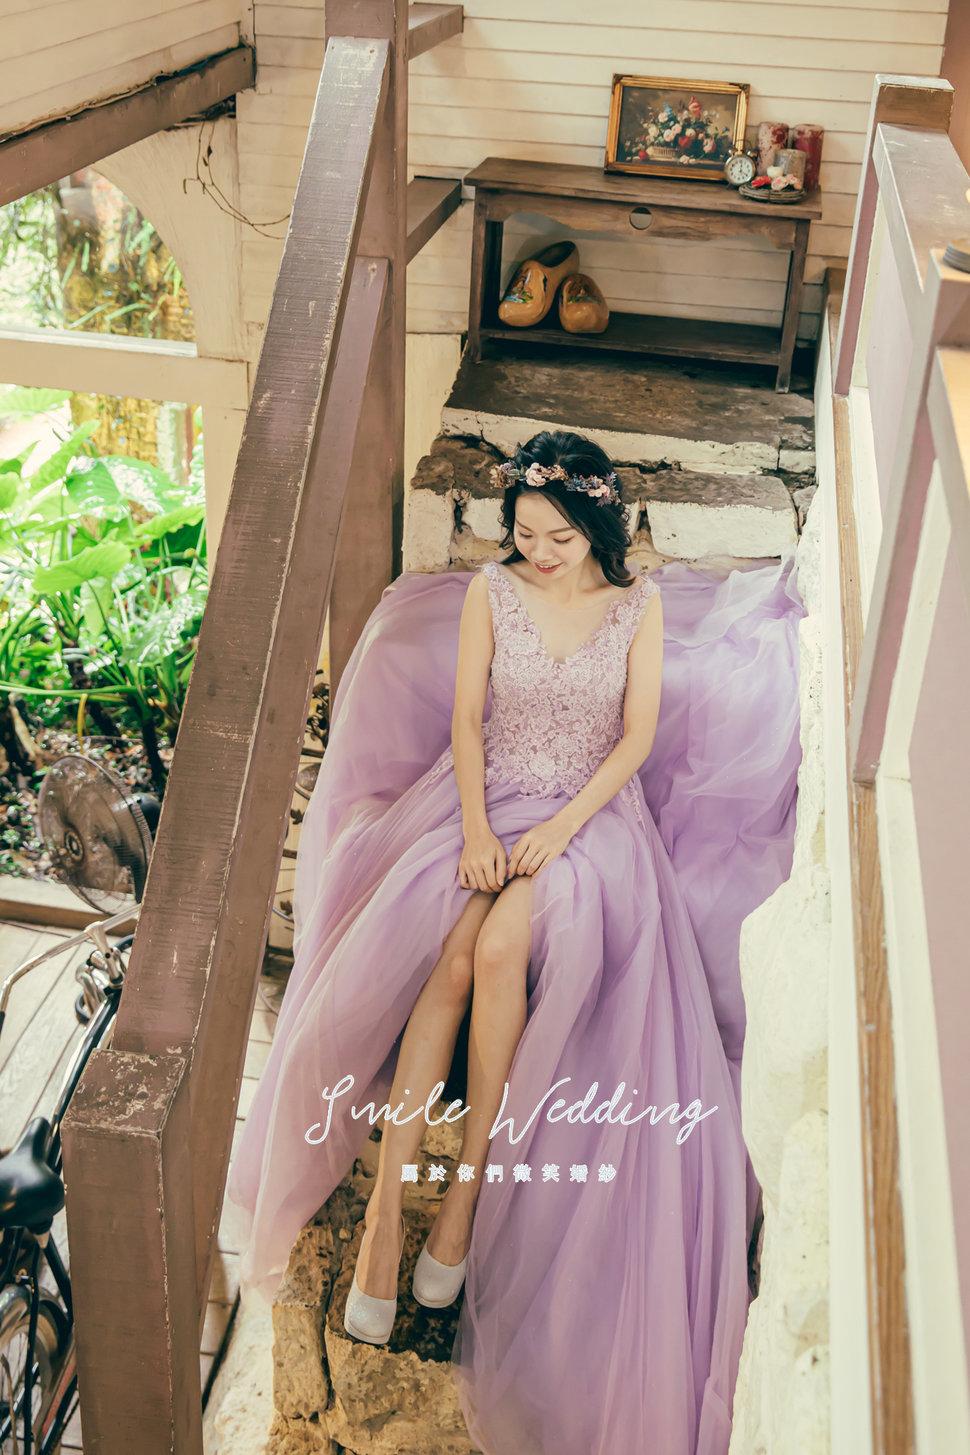 514A7008 - Smile wedding 微笑婚紗《結婚吧》